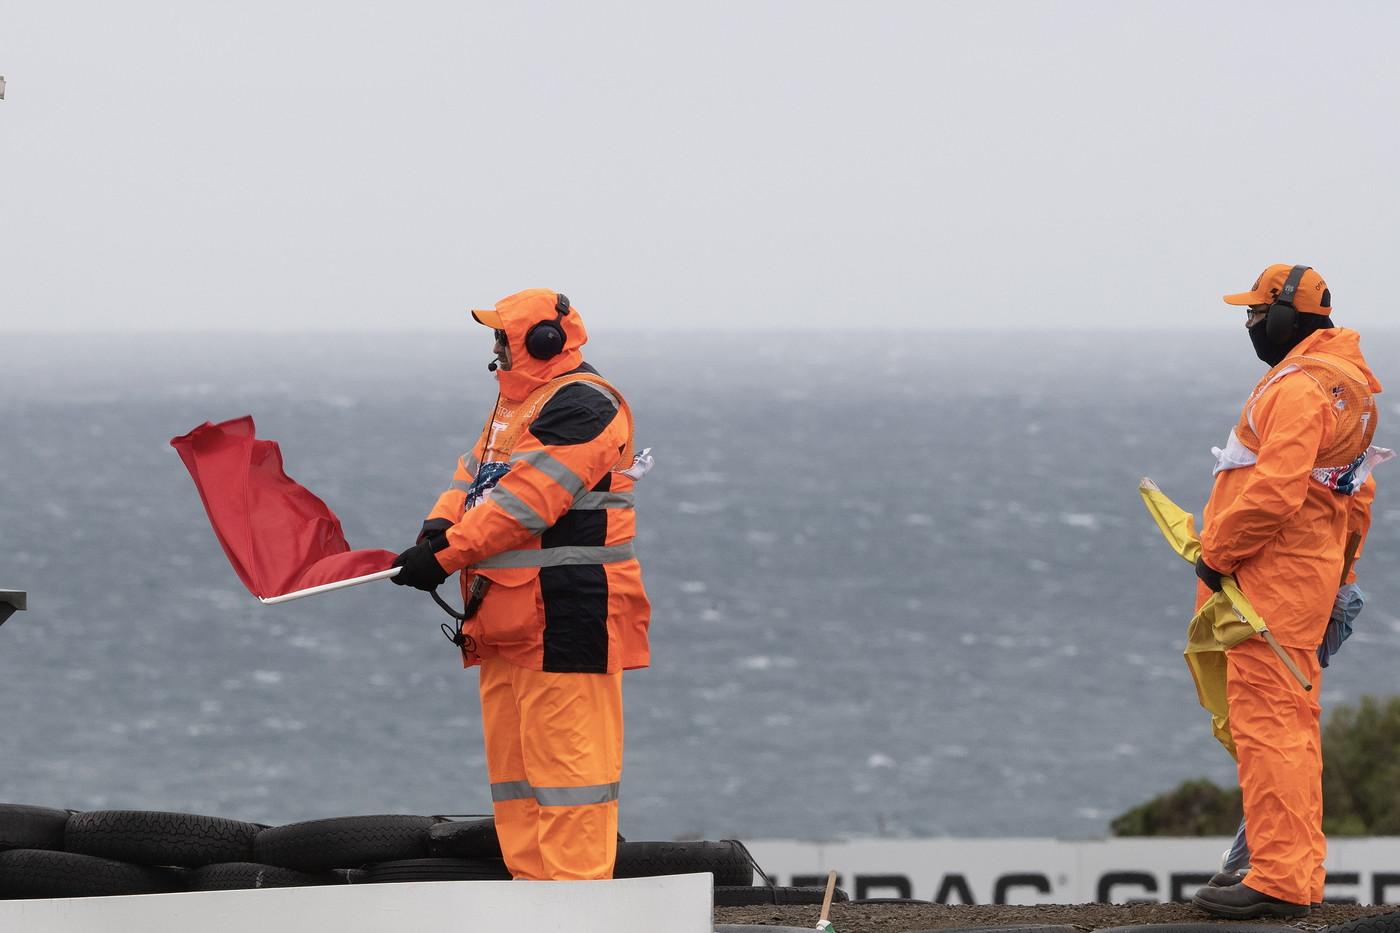 Condizioni troppo pericolose in Australia: niente qualifiche